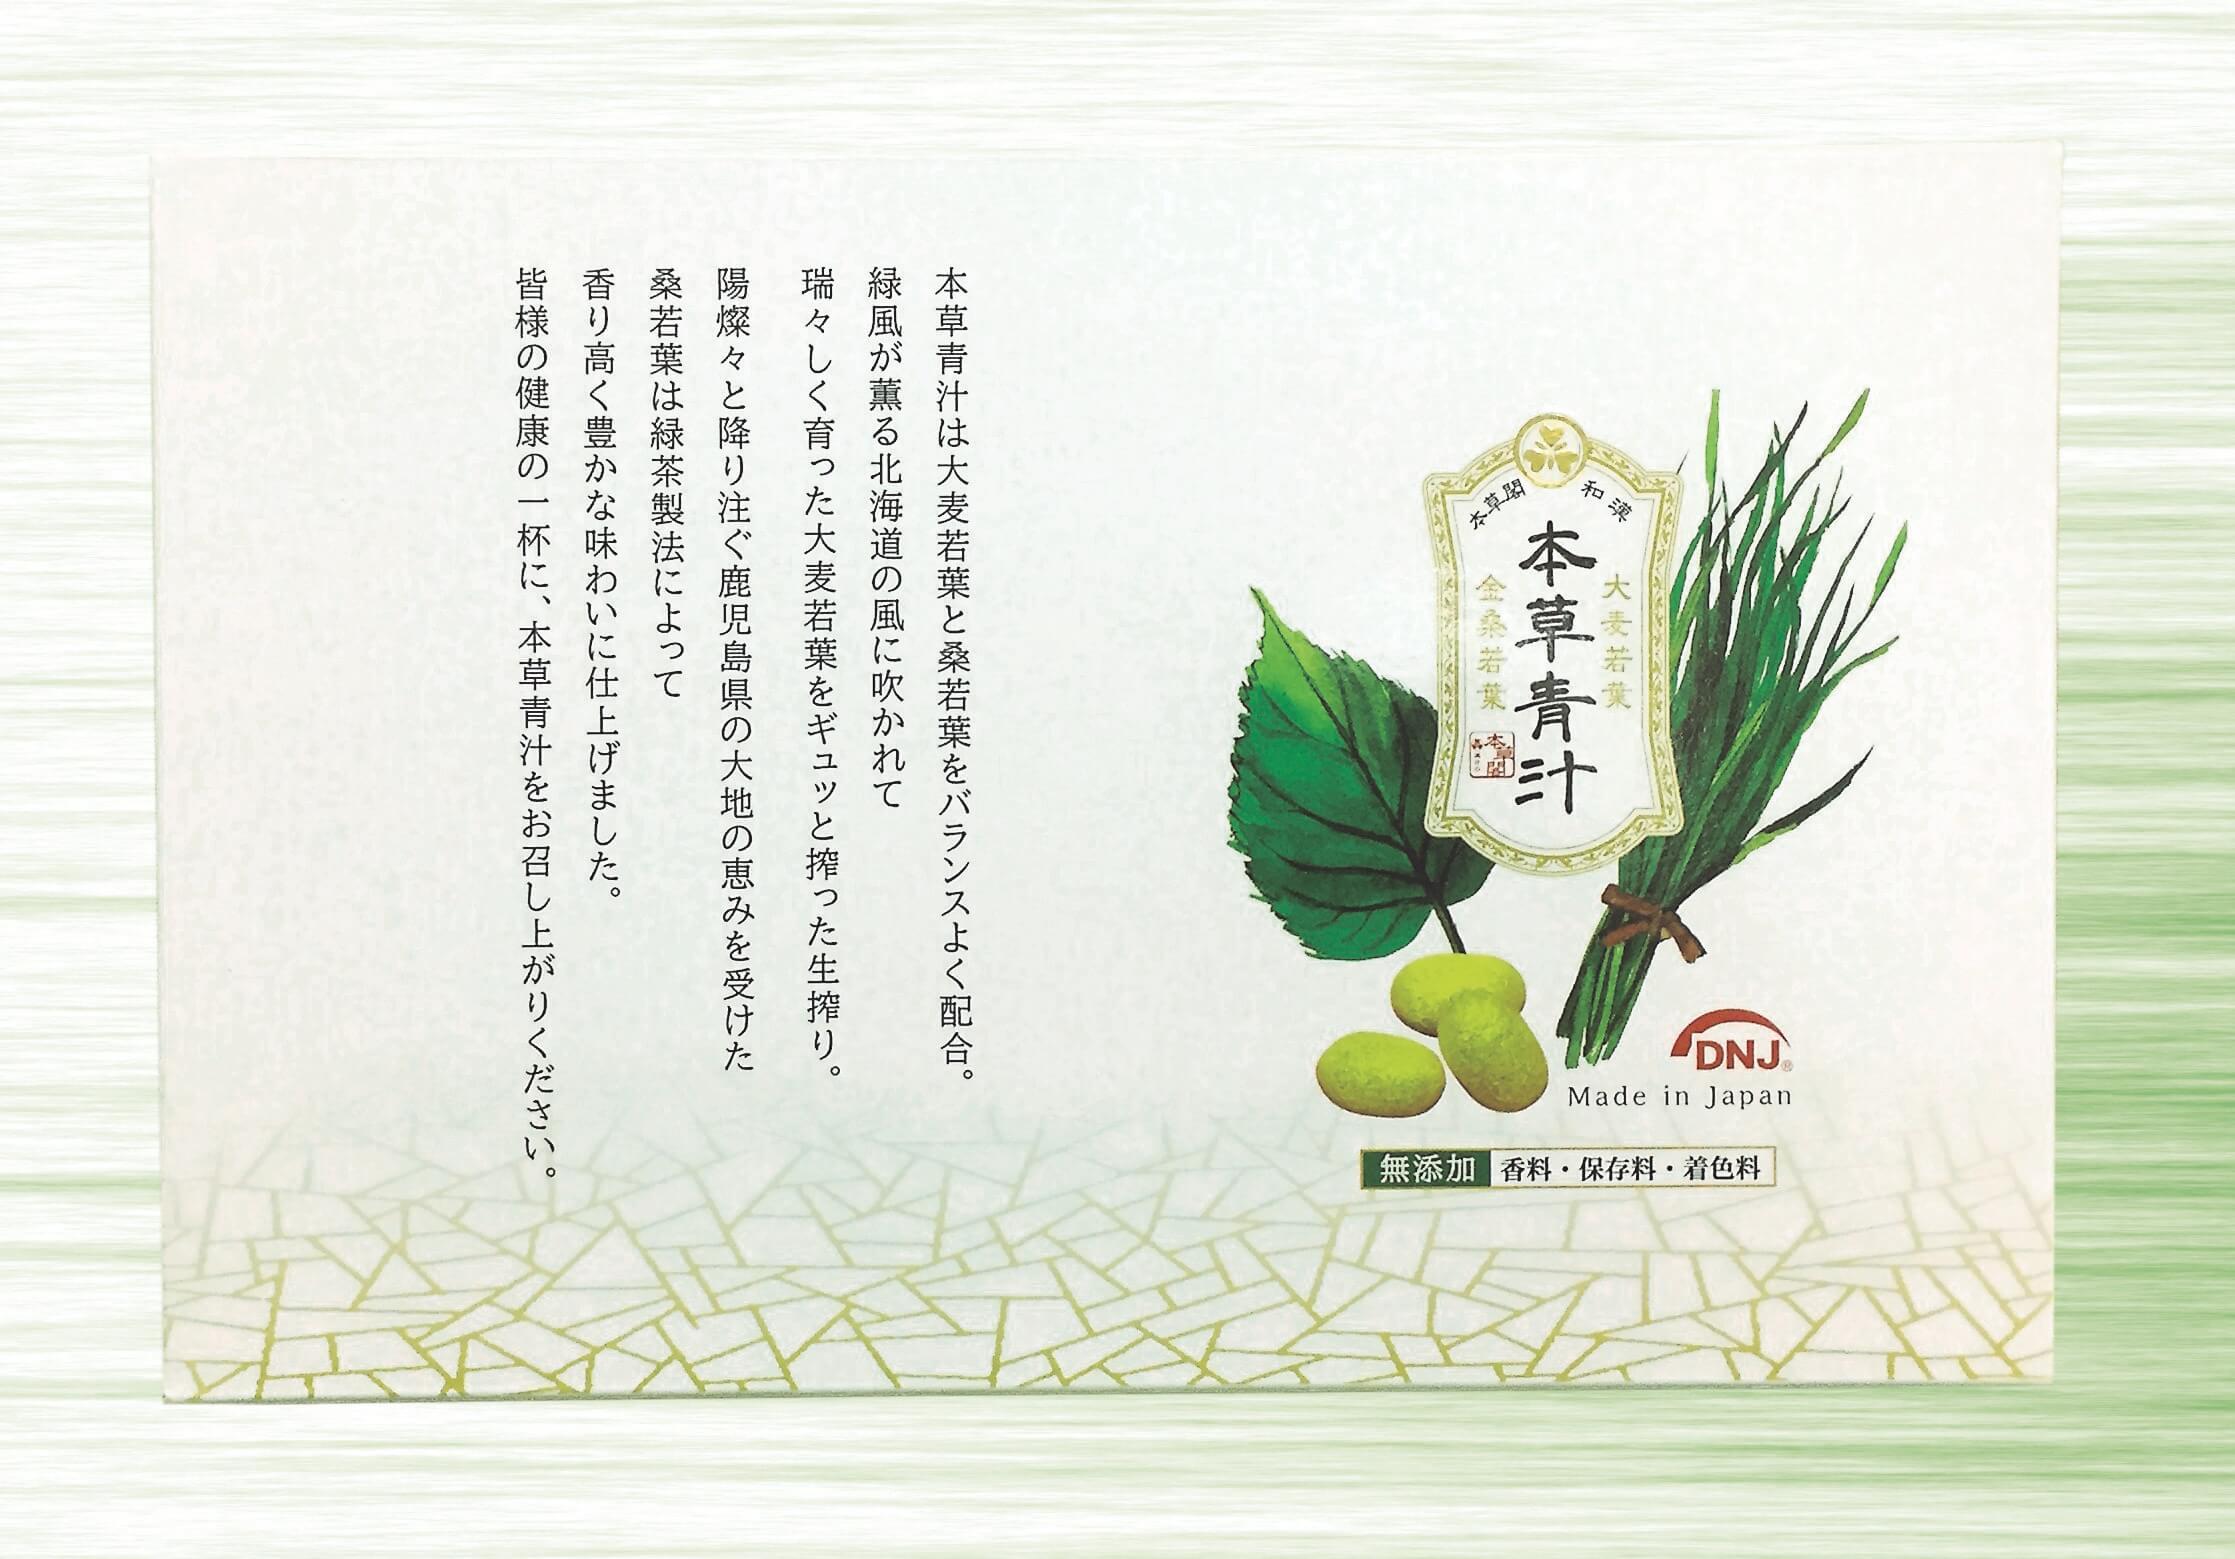 本草青汁 3g×30包入り2箱セット(定期お届けコース)8月11日より新お届け便スタート予定!